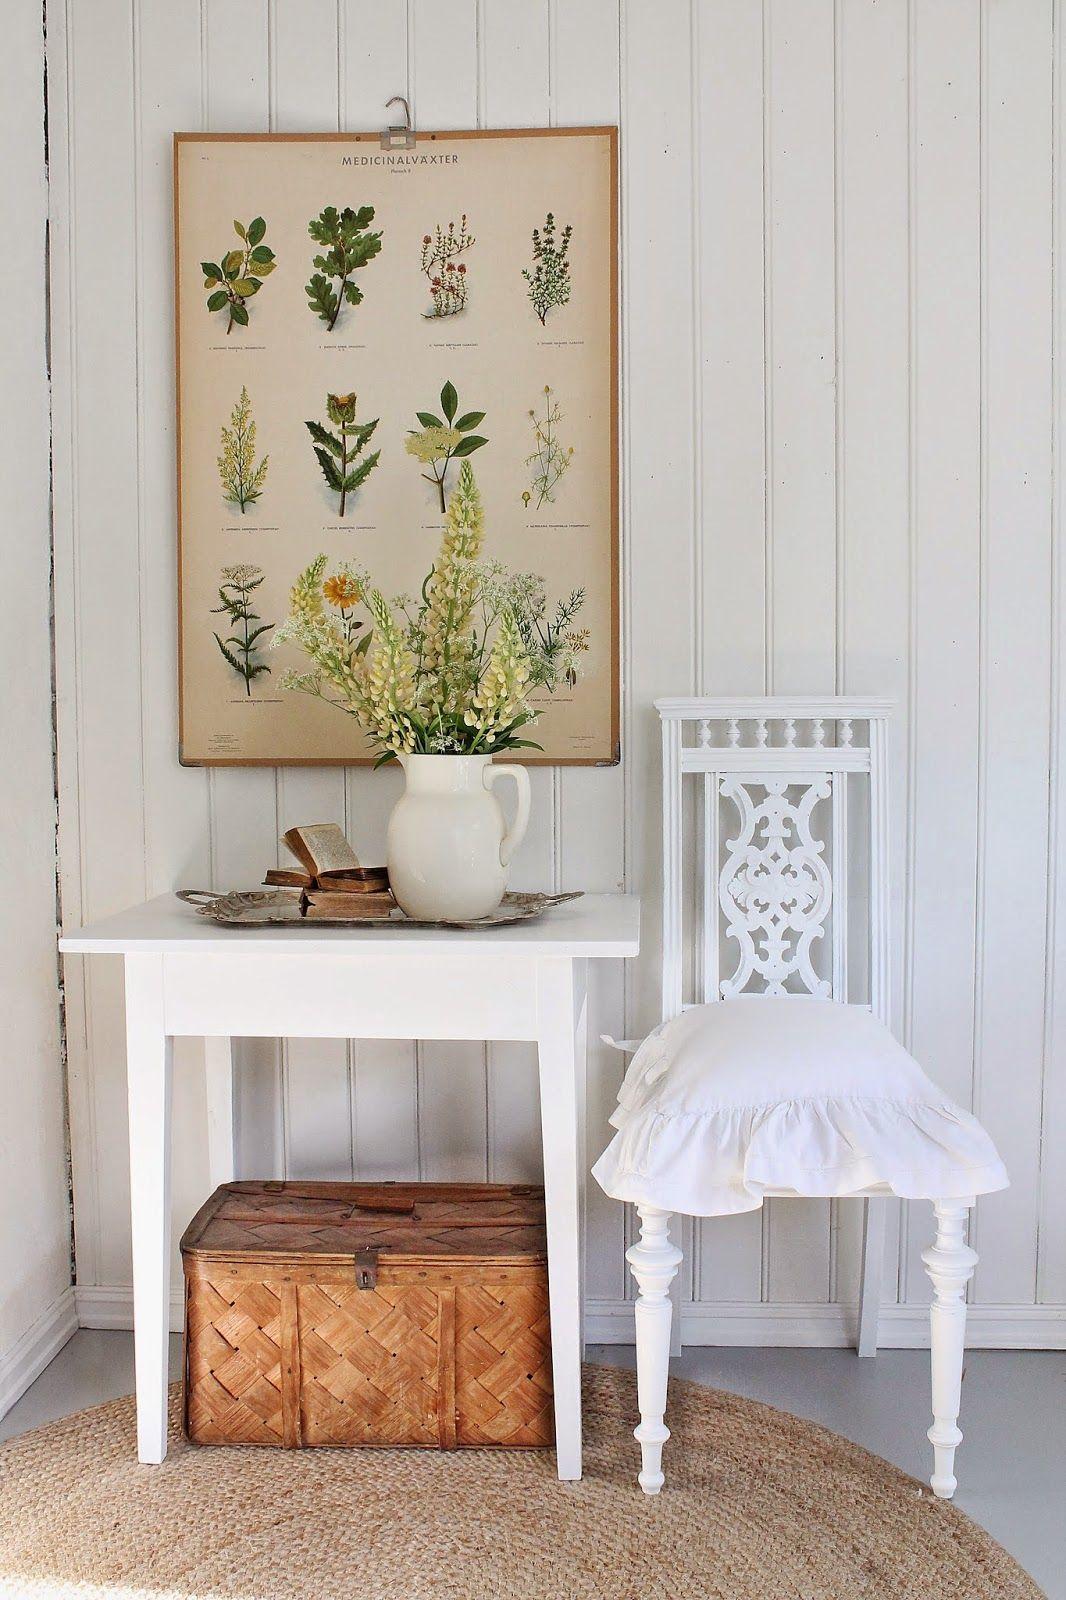 Vintage botanical wall hanging